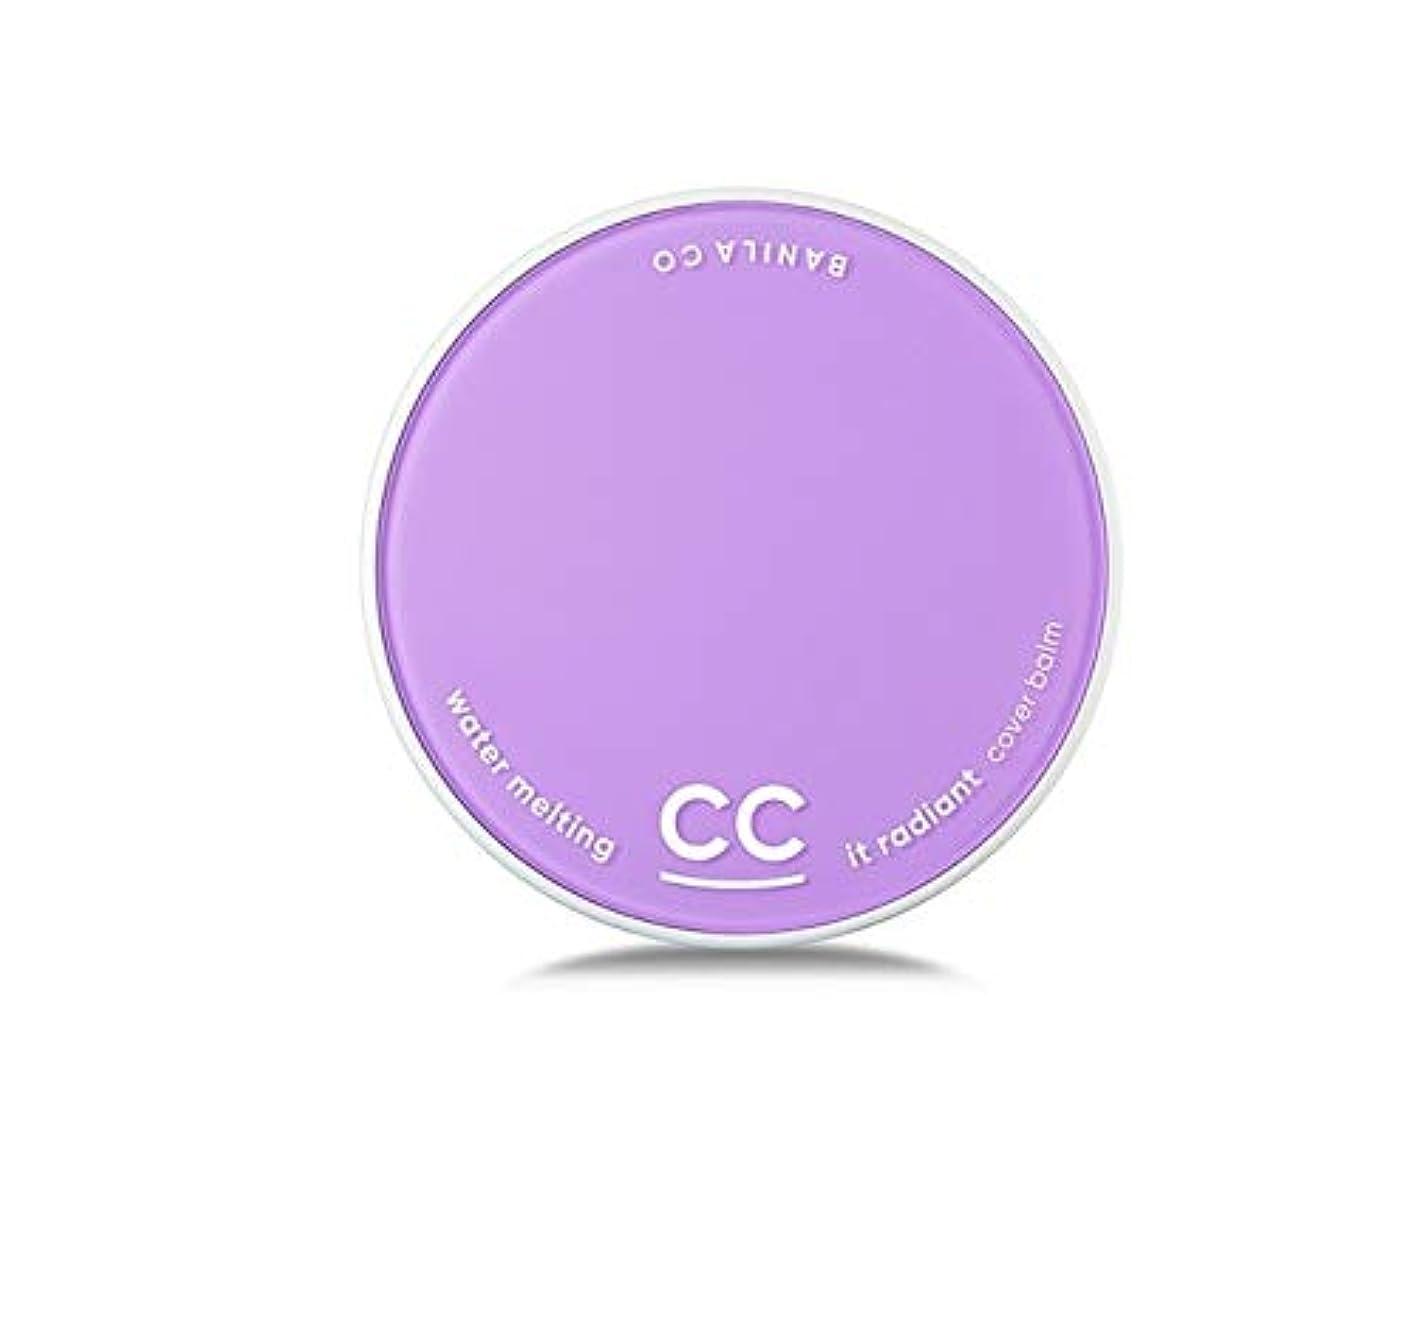 万歳ドレイン感じbanilaco イットラディアントCCエッセンスカバーバーム/It Radiant CC Essence Cover Balm 15g # Light Beige [並行輸入品]